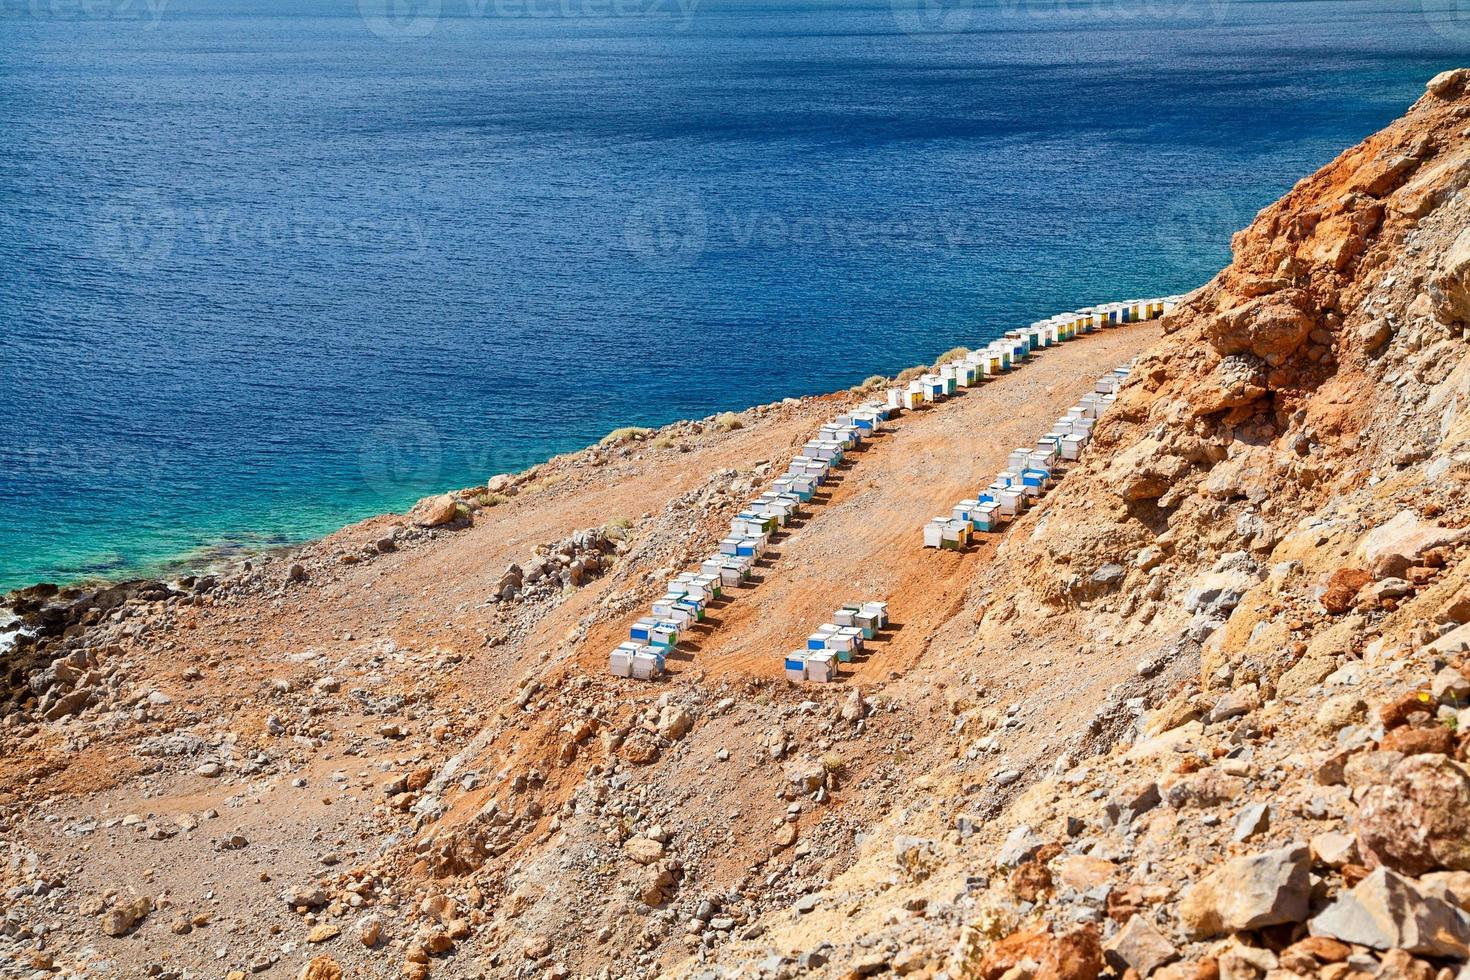 jardin apicole près de la mer Méditerranée photo